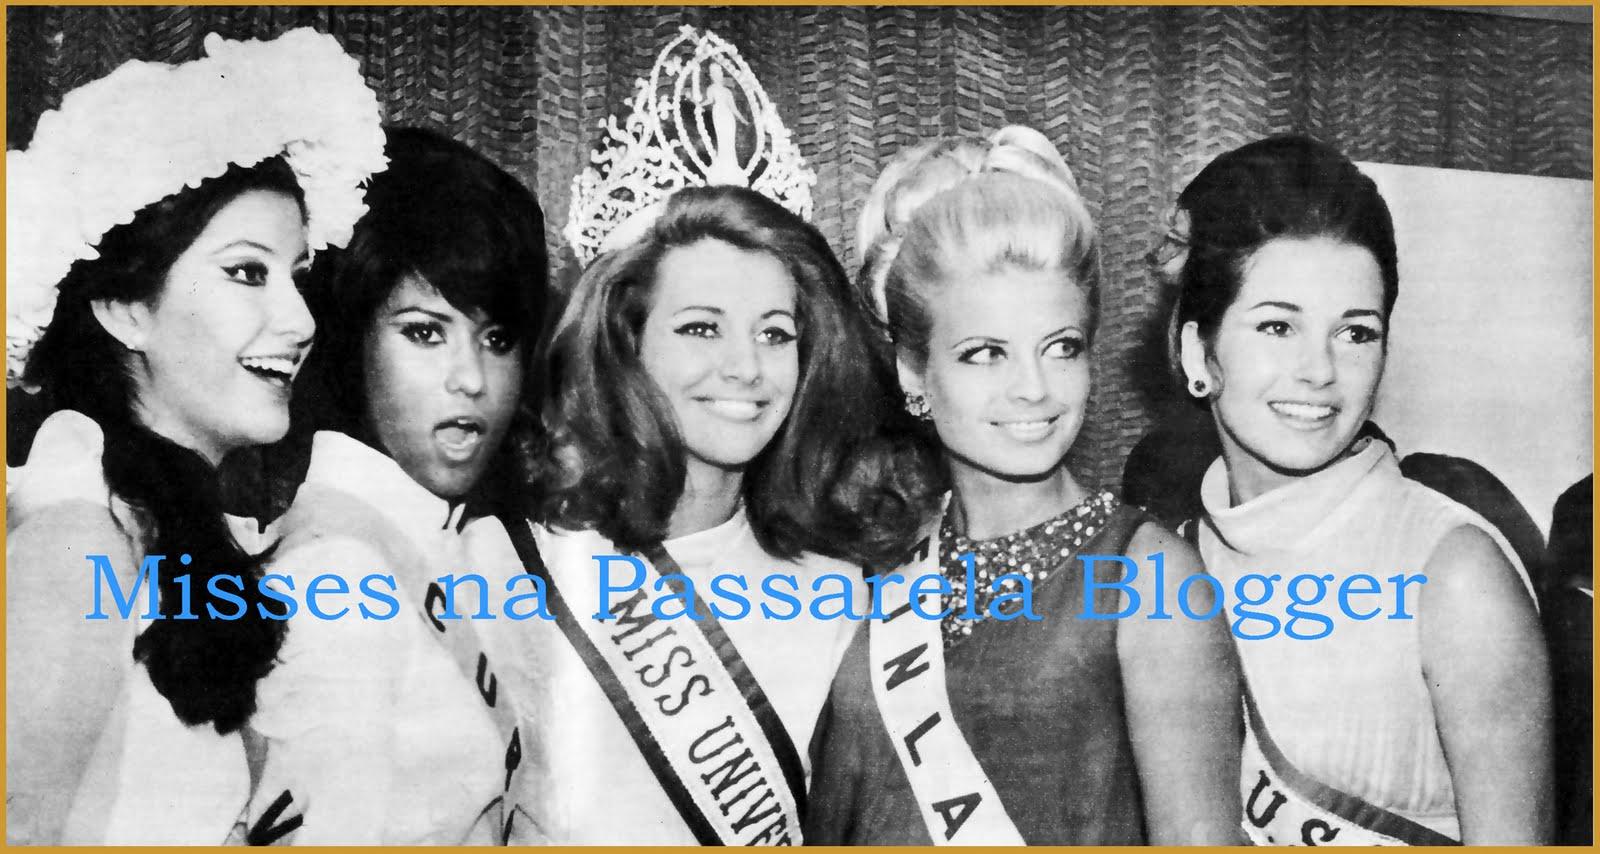 ☽ ✮ ✯ ✰ ☆ ☁ Galeria de Martha Vasconcelos, Miss Universe 1968.☽ ✮ ✯ ✰ ☆ ☁ Lindo%2B1968